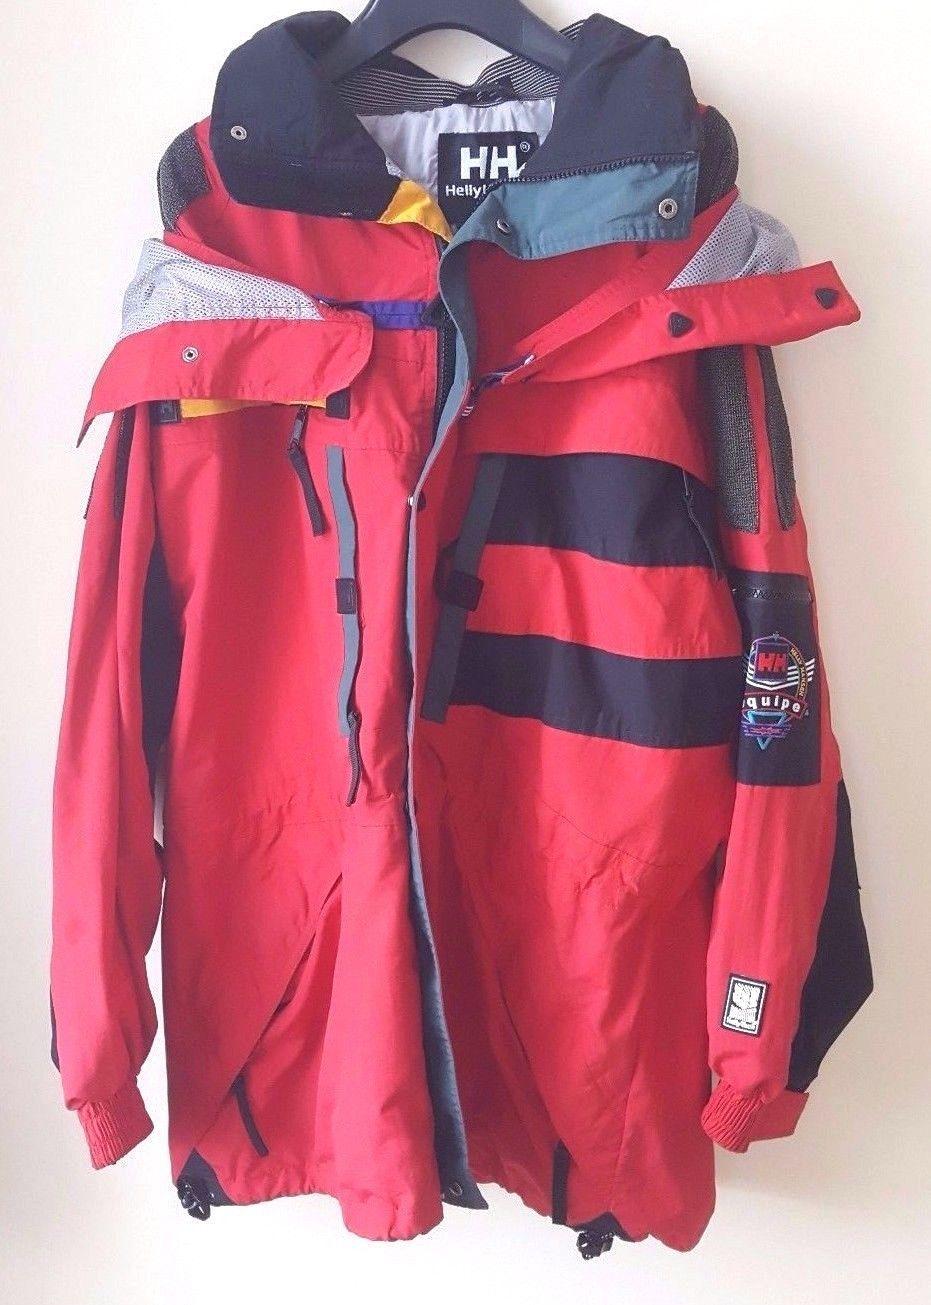 c20f028c58 Helly #hansen equipe #men's red ski snowboard jacket size m waterproof  #vintage 9